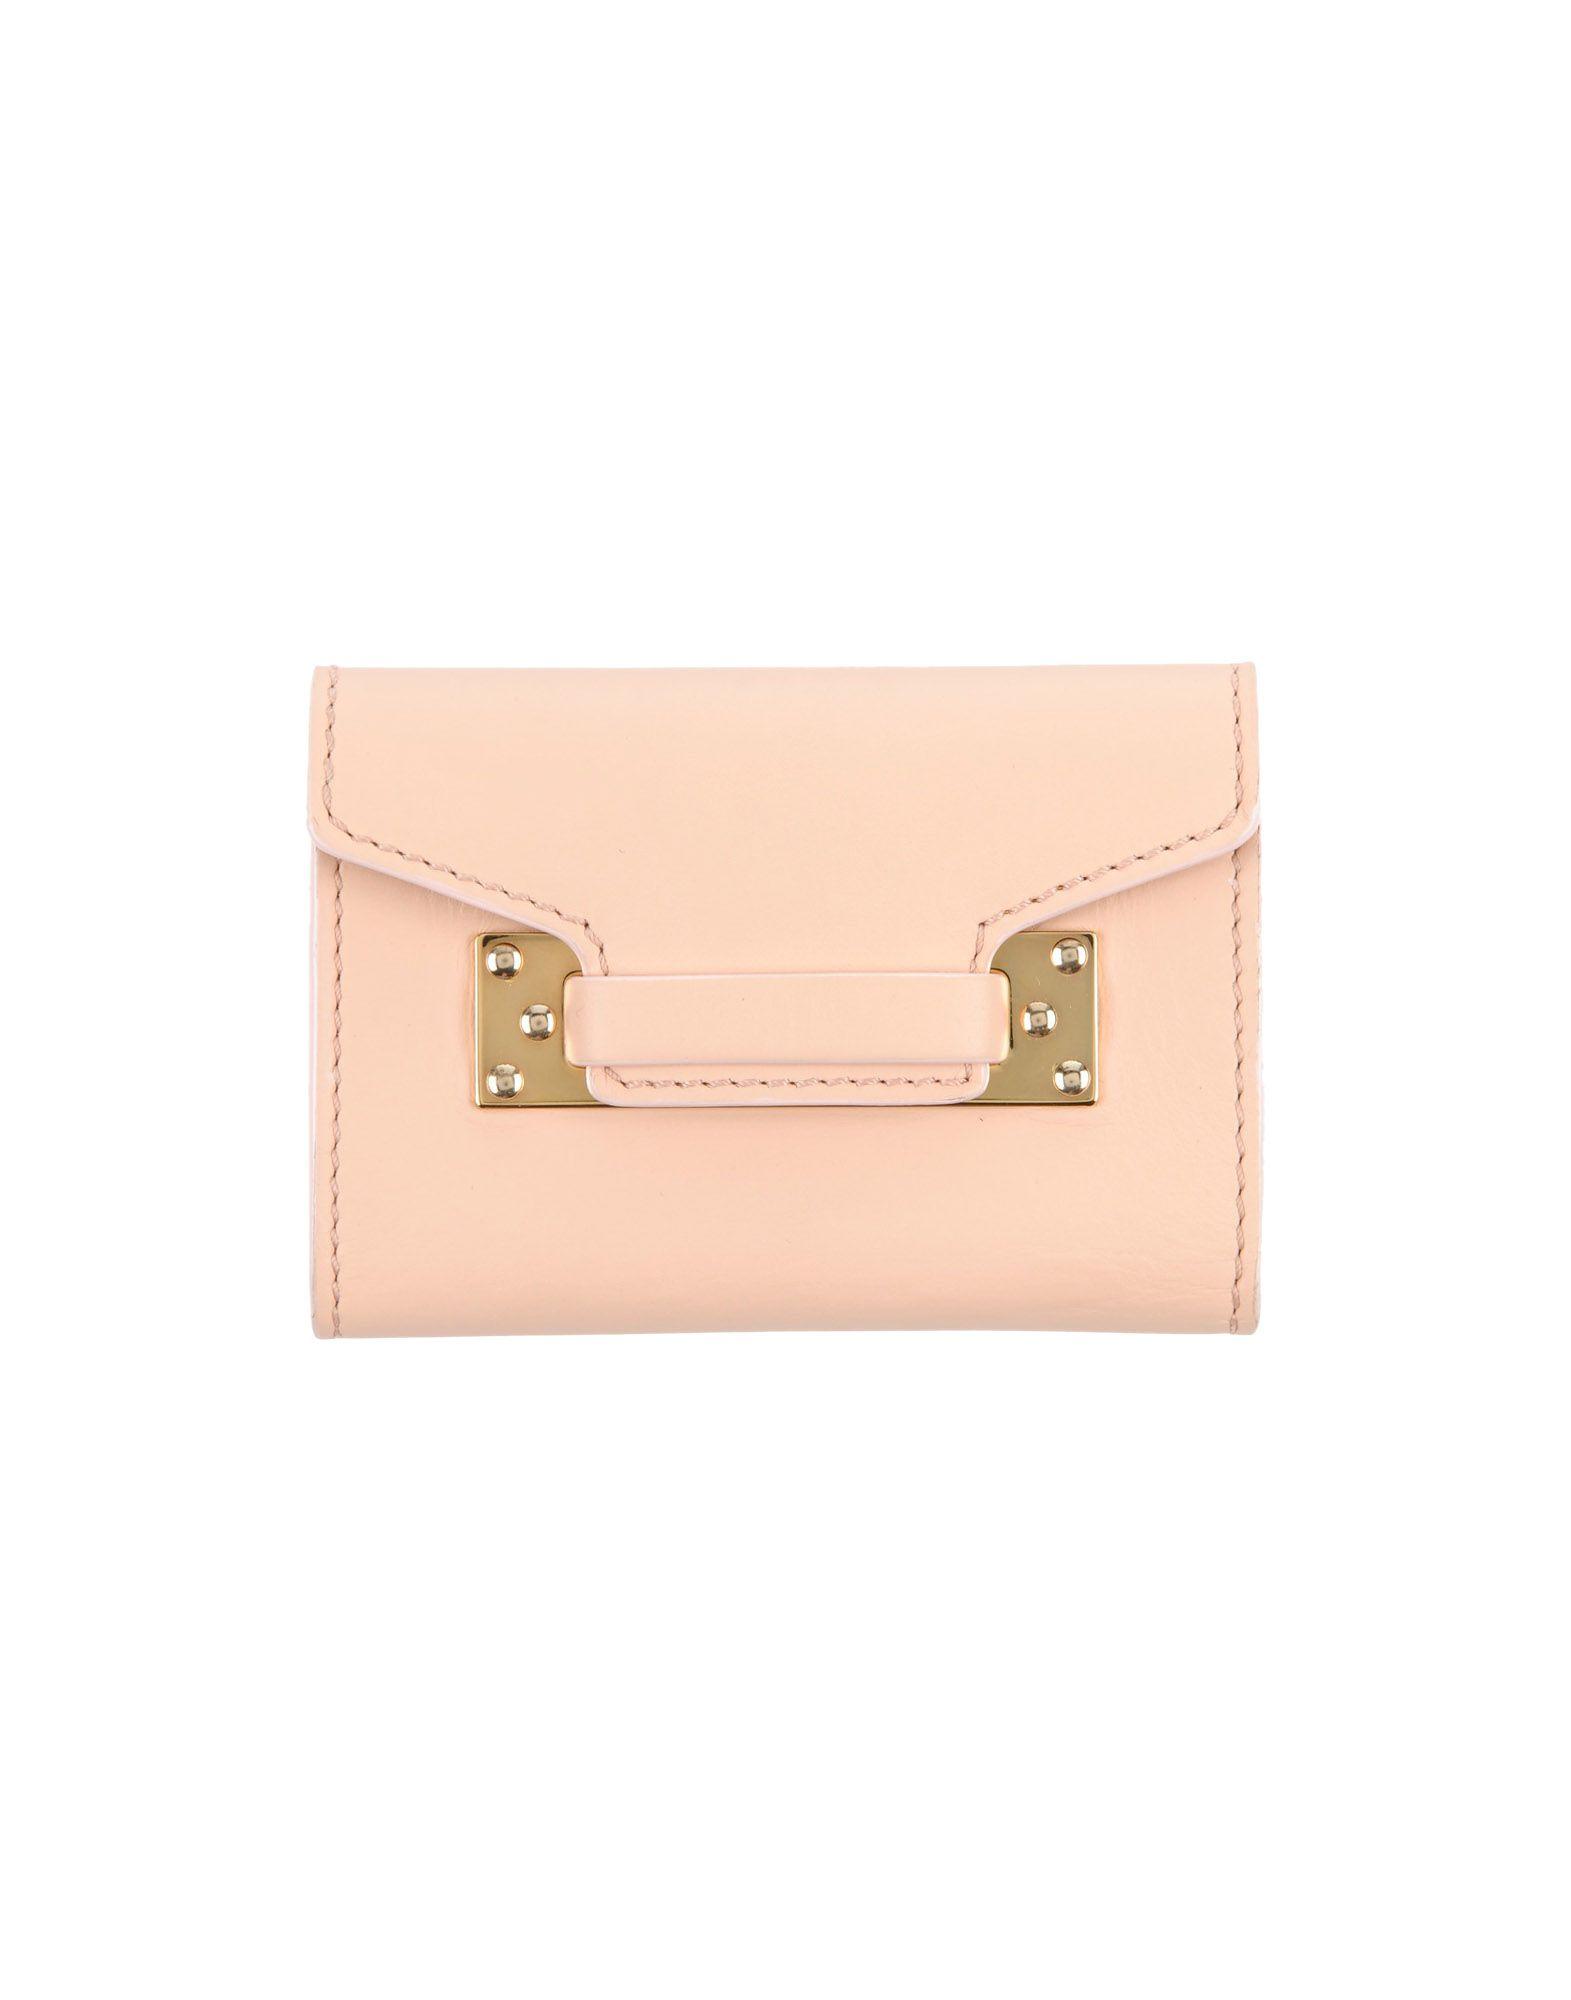 SOPHIE HULME Кошелек для монет pink dandelion design кожа pu откидной крышки кошелек для карты держатель для samsung j5prime